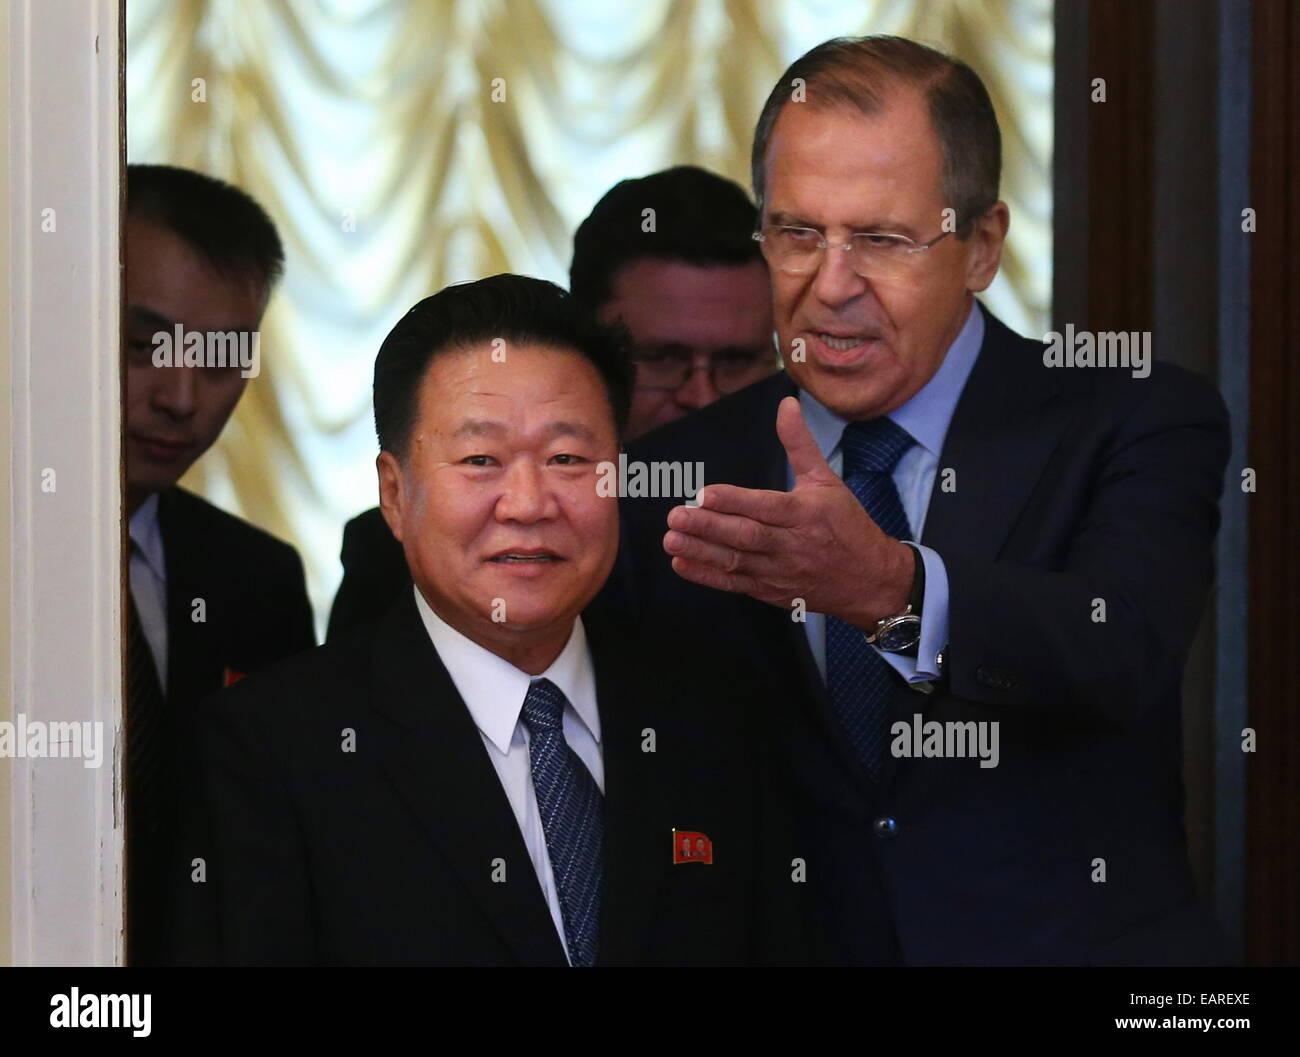 Moscou, Russie. 20 Nov, 2014. Le Ministre russe des affaires étrangères Sergei Lavrov avant (R) se félicite Photo Stock